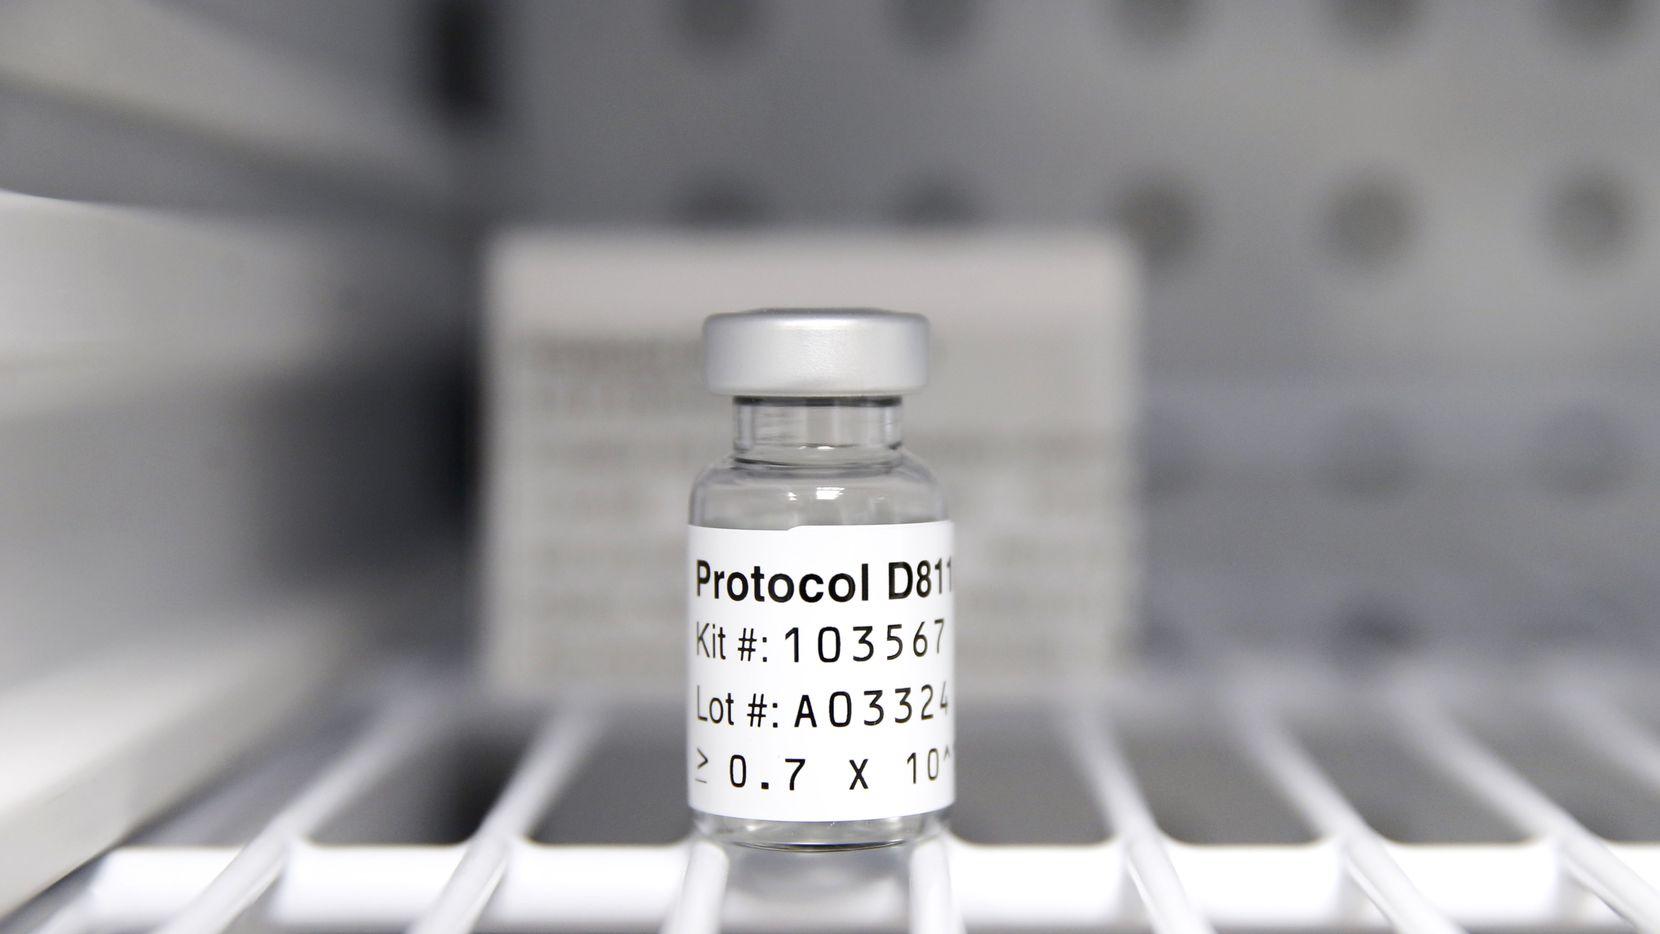 Una ampolleta de la vacuna de AstraZeneca fase 3 se encuentra en una clínica de Oak Cliff que administra esta vacuna a pacientes sin covid-19 como parte de un periodo de prueba.